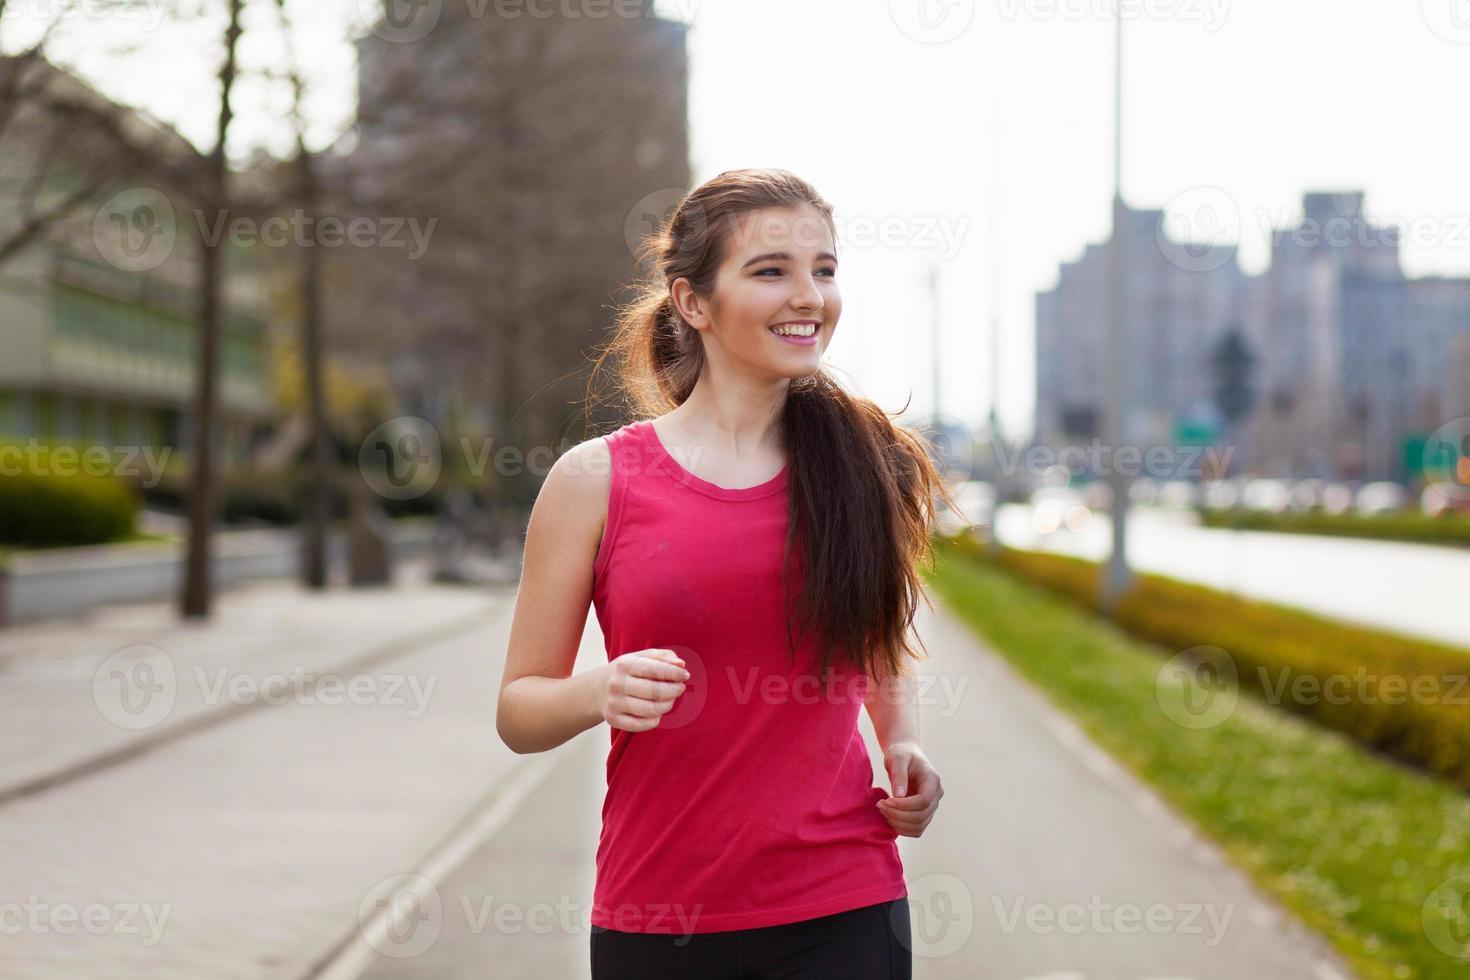 belle jeune femme qui court dans la ville photo